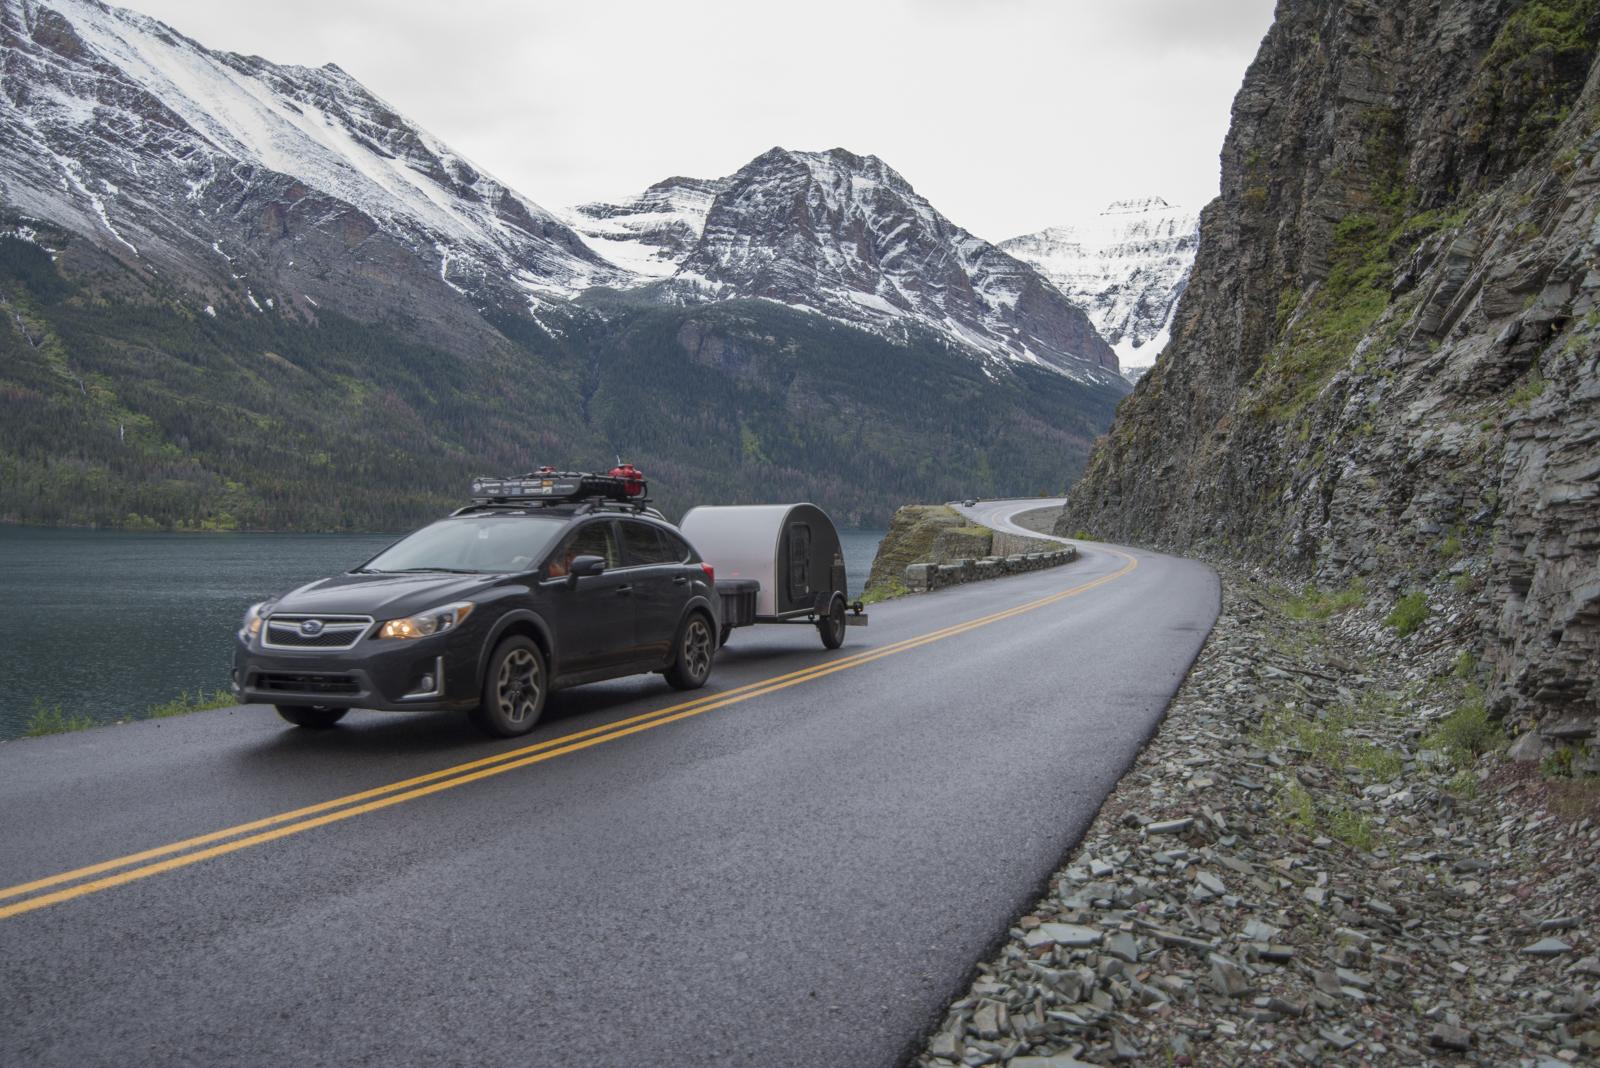 Chris driving the Subaru through Glacier National Park, Montana.